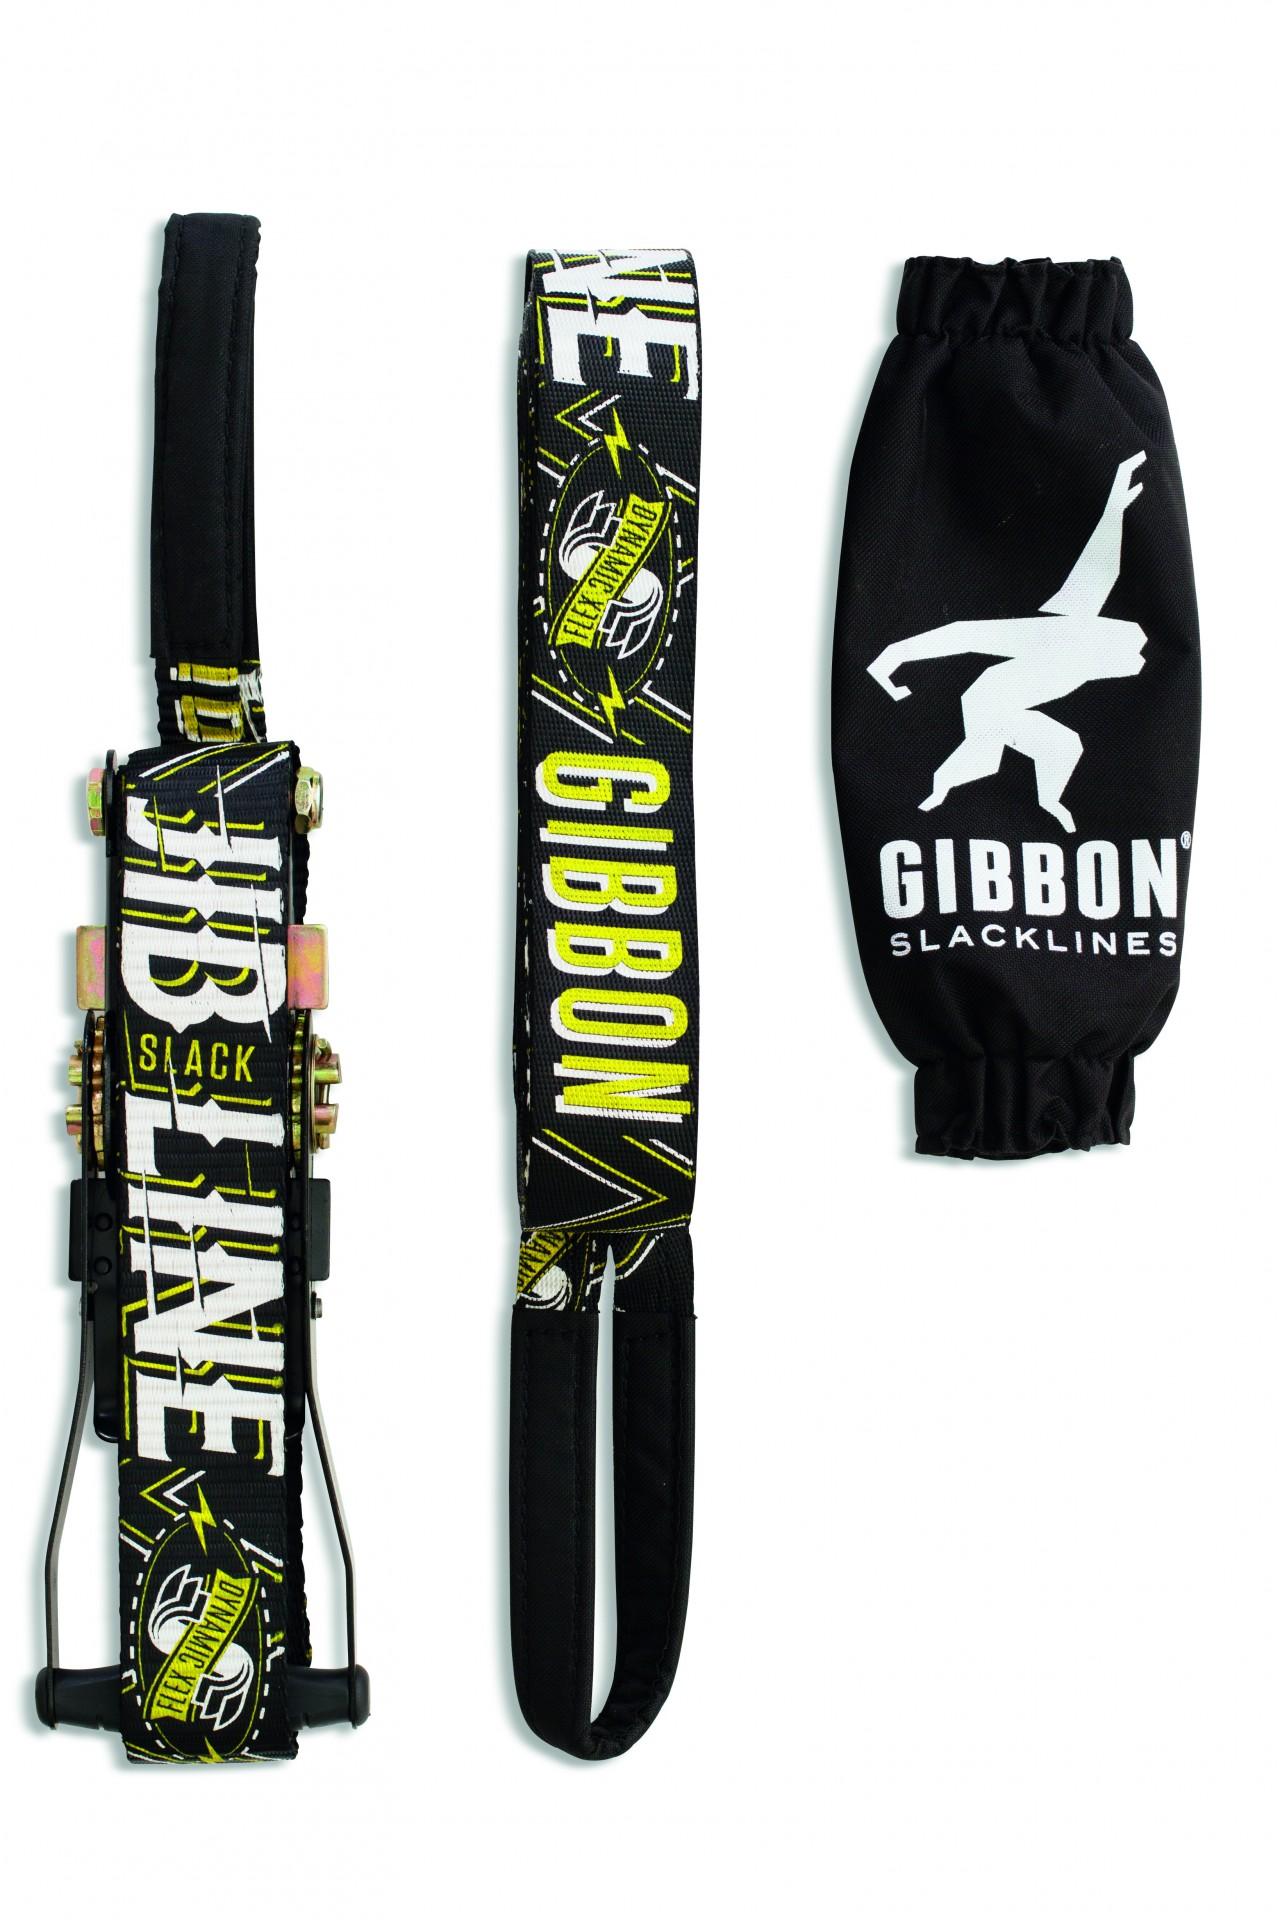 Gibbon SLACKLINE - Jib Line X13